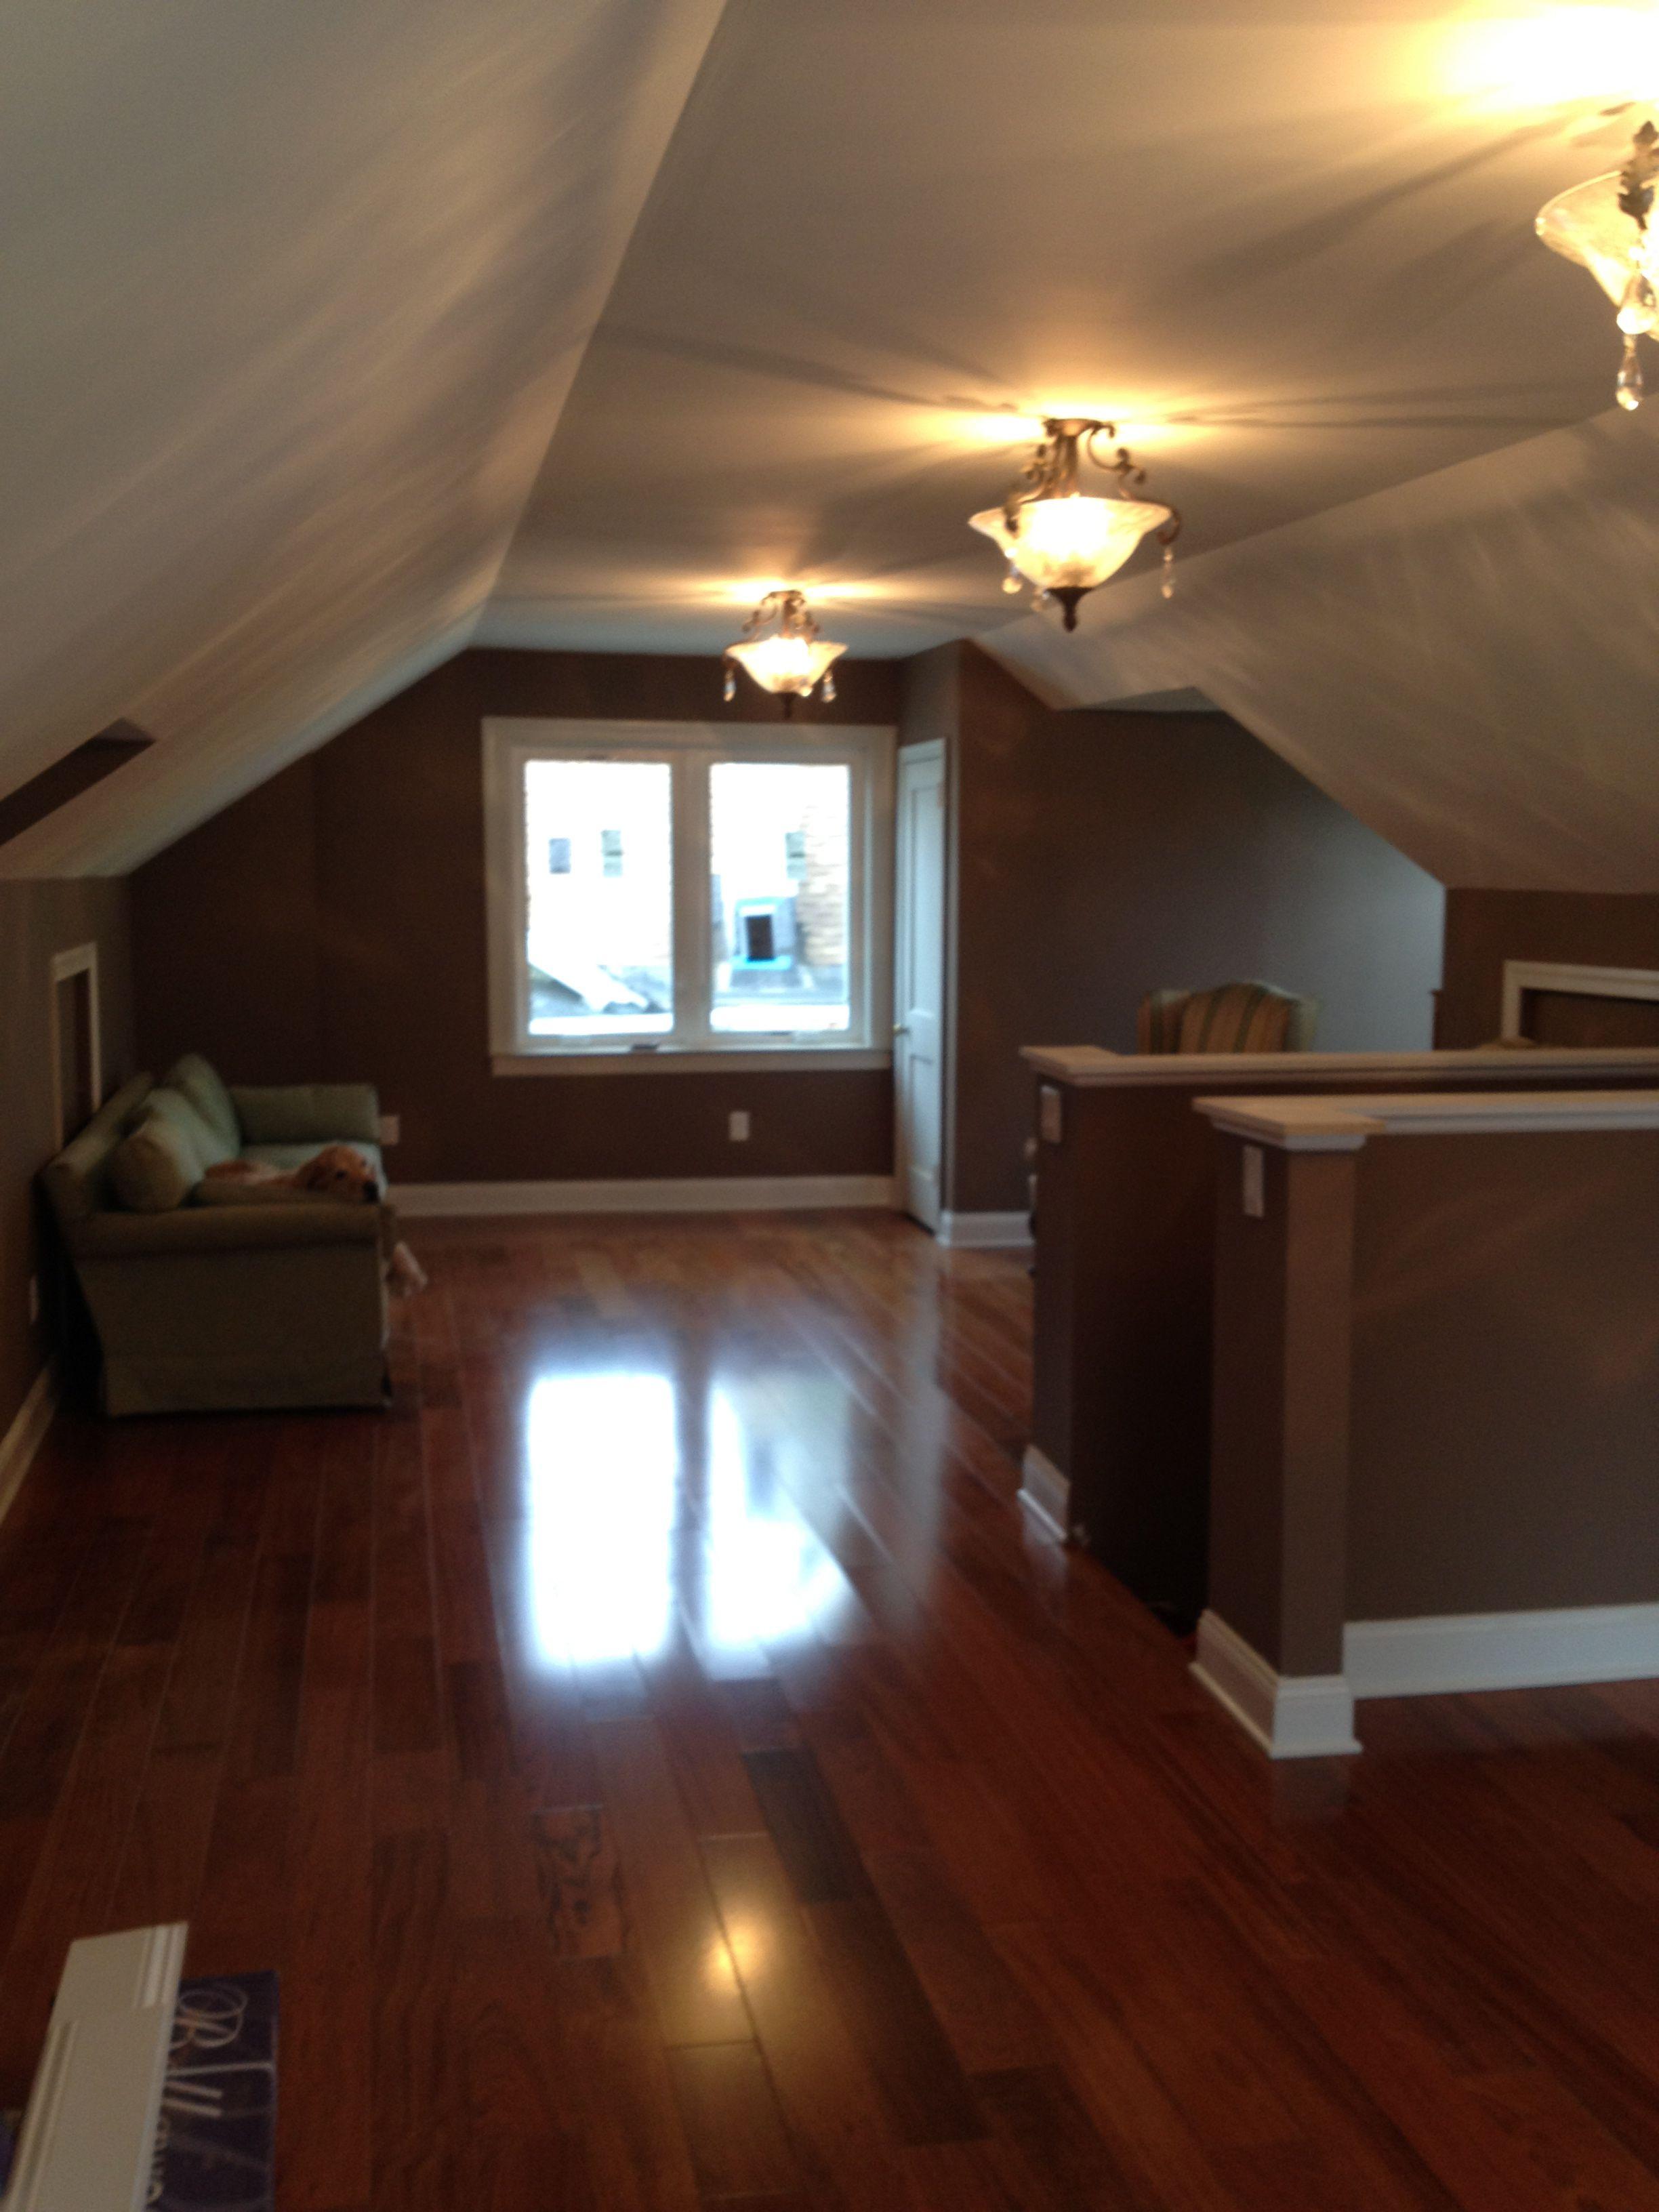 My Attic Master Bedroom Remodel Behr Blanket Brown Brazilian Cherry Hardwood